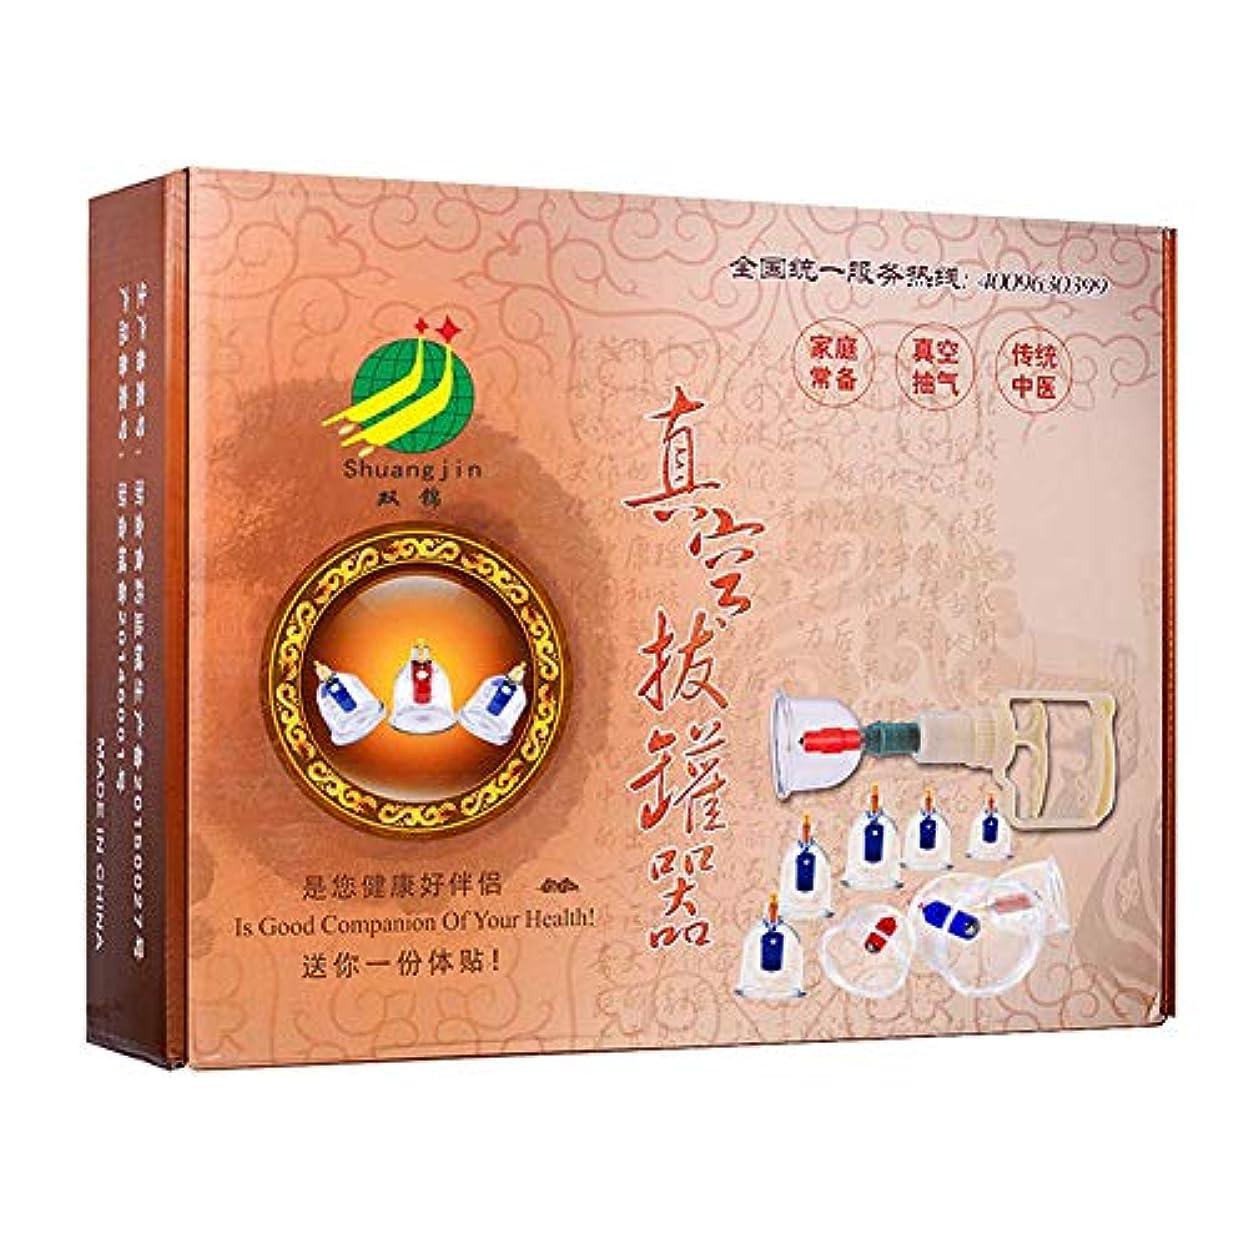 ジャンクテラス眼カッピングセット関節炎、痛みの緩和、リラクゼーション、アンチエイジングマッサージ用延長中国製24缶